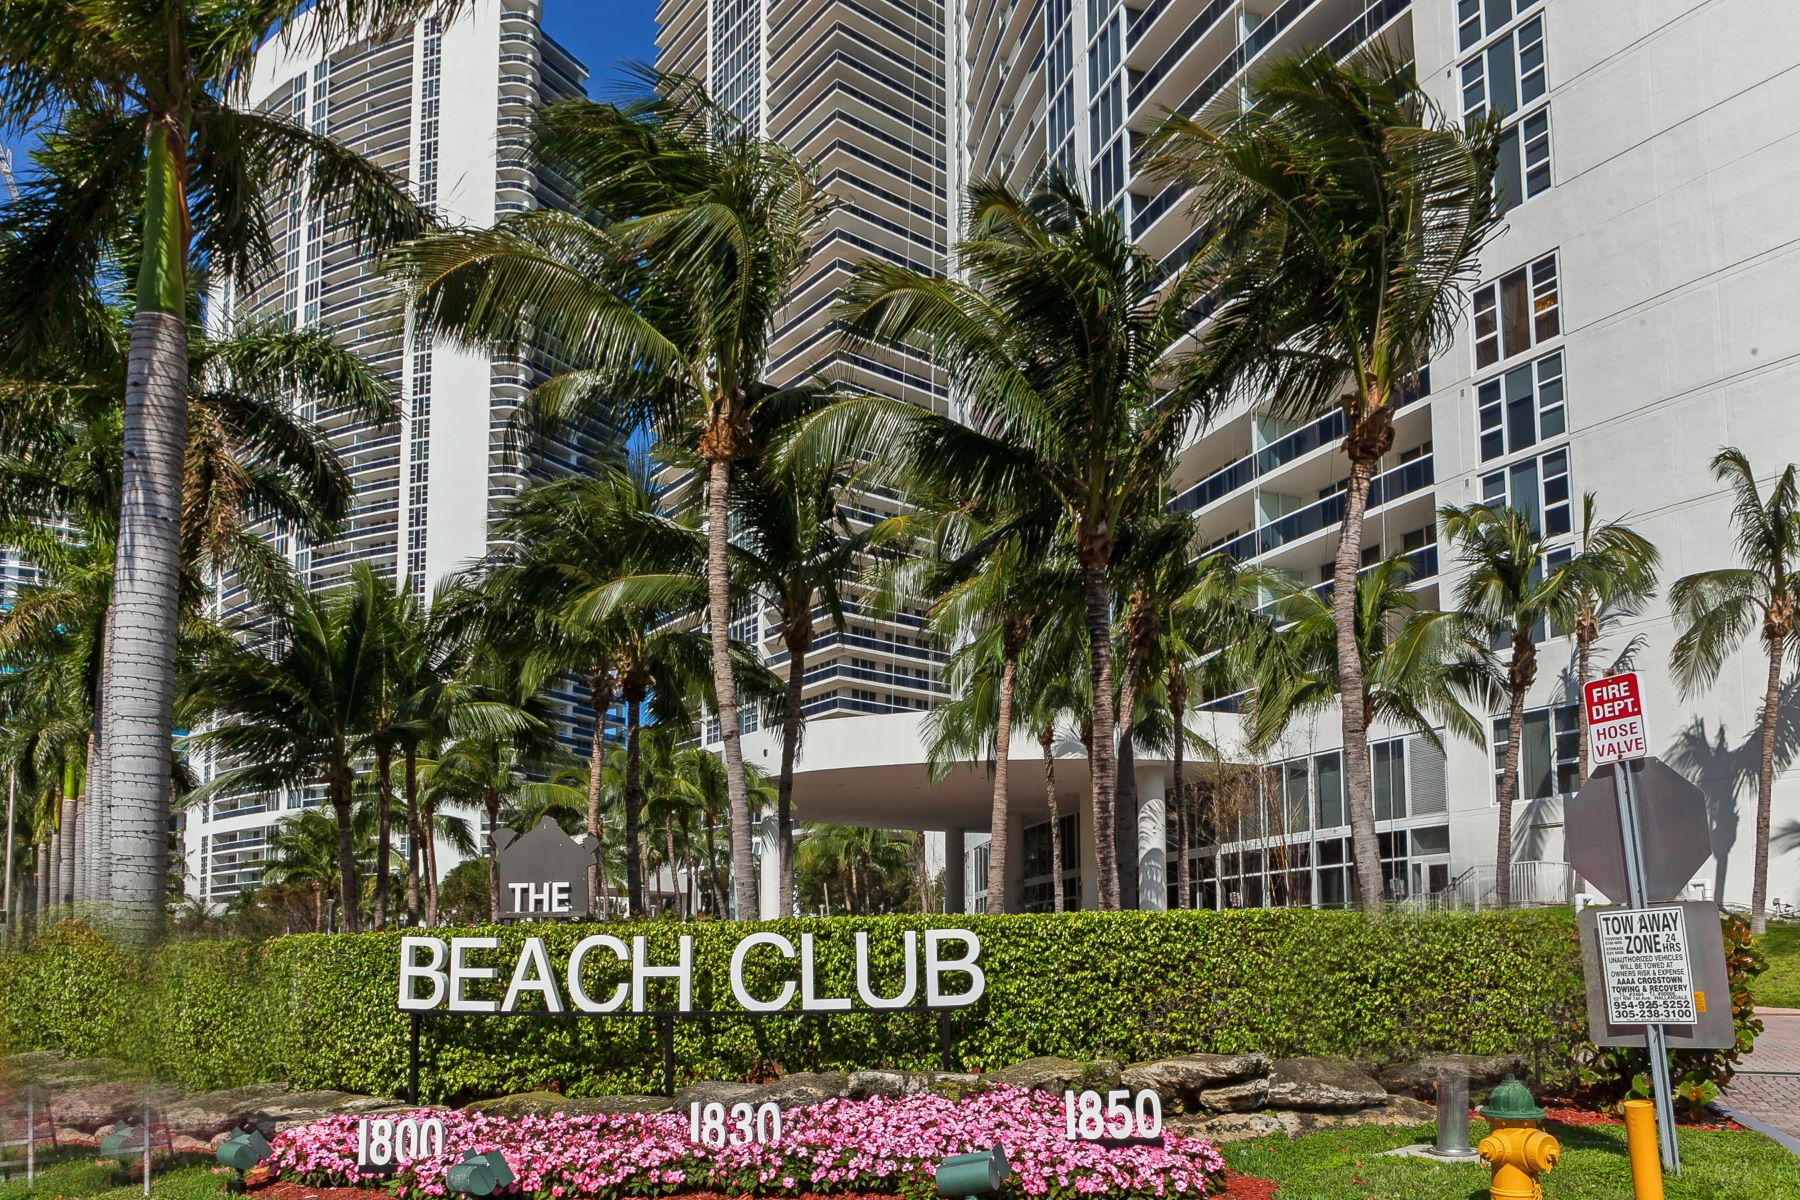 Condomínio para Venda às 1800 S Ocean Dr #1002 1800 S Ocean Dr 1002 Hallandale, Florida, 33009 Estados Unidos